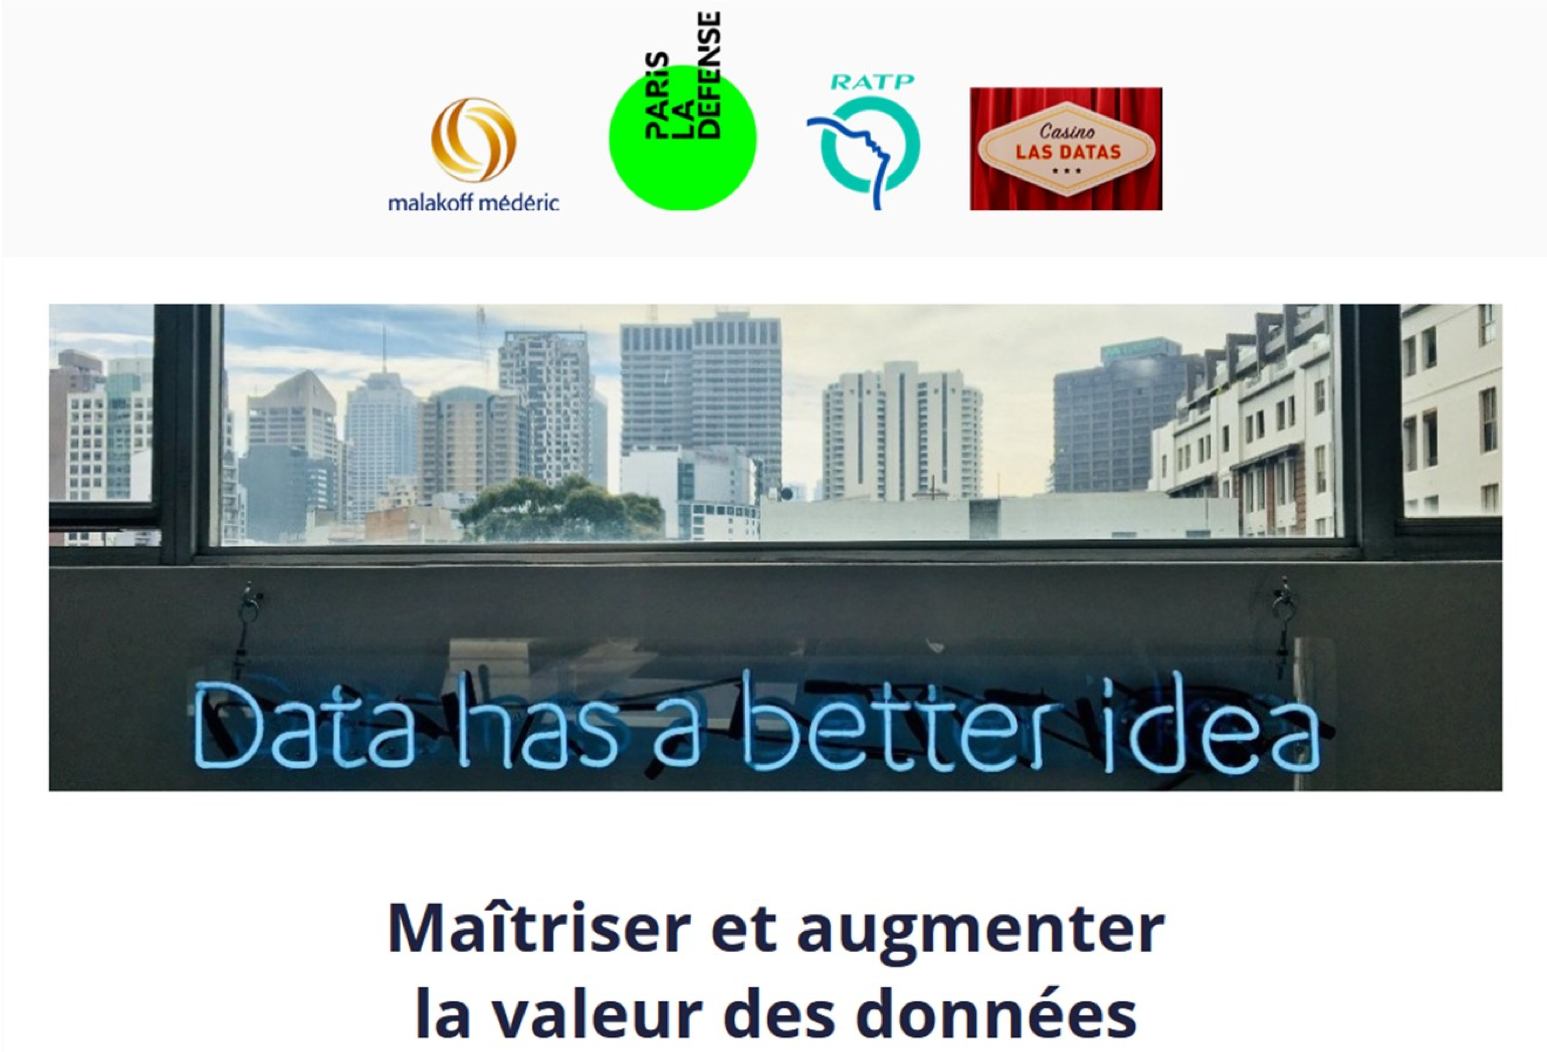 #GoldenData La voie pour augmenter la valeur des données